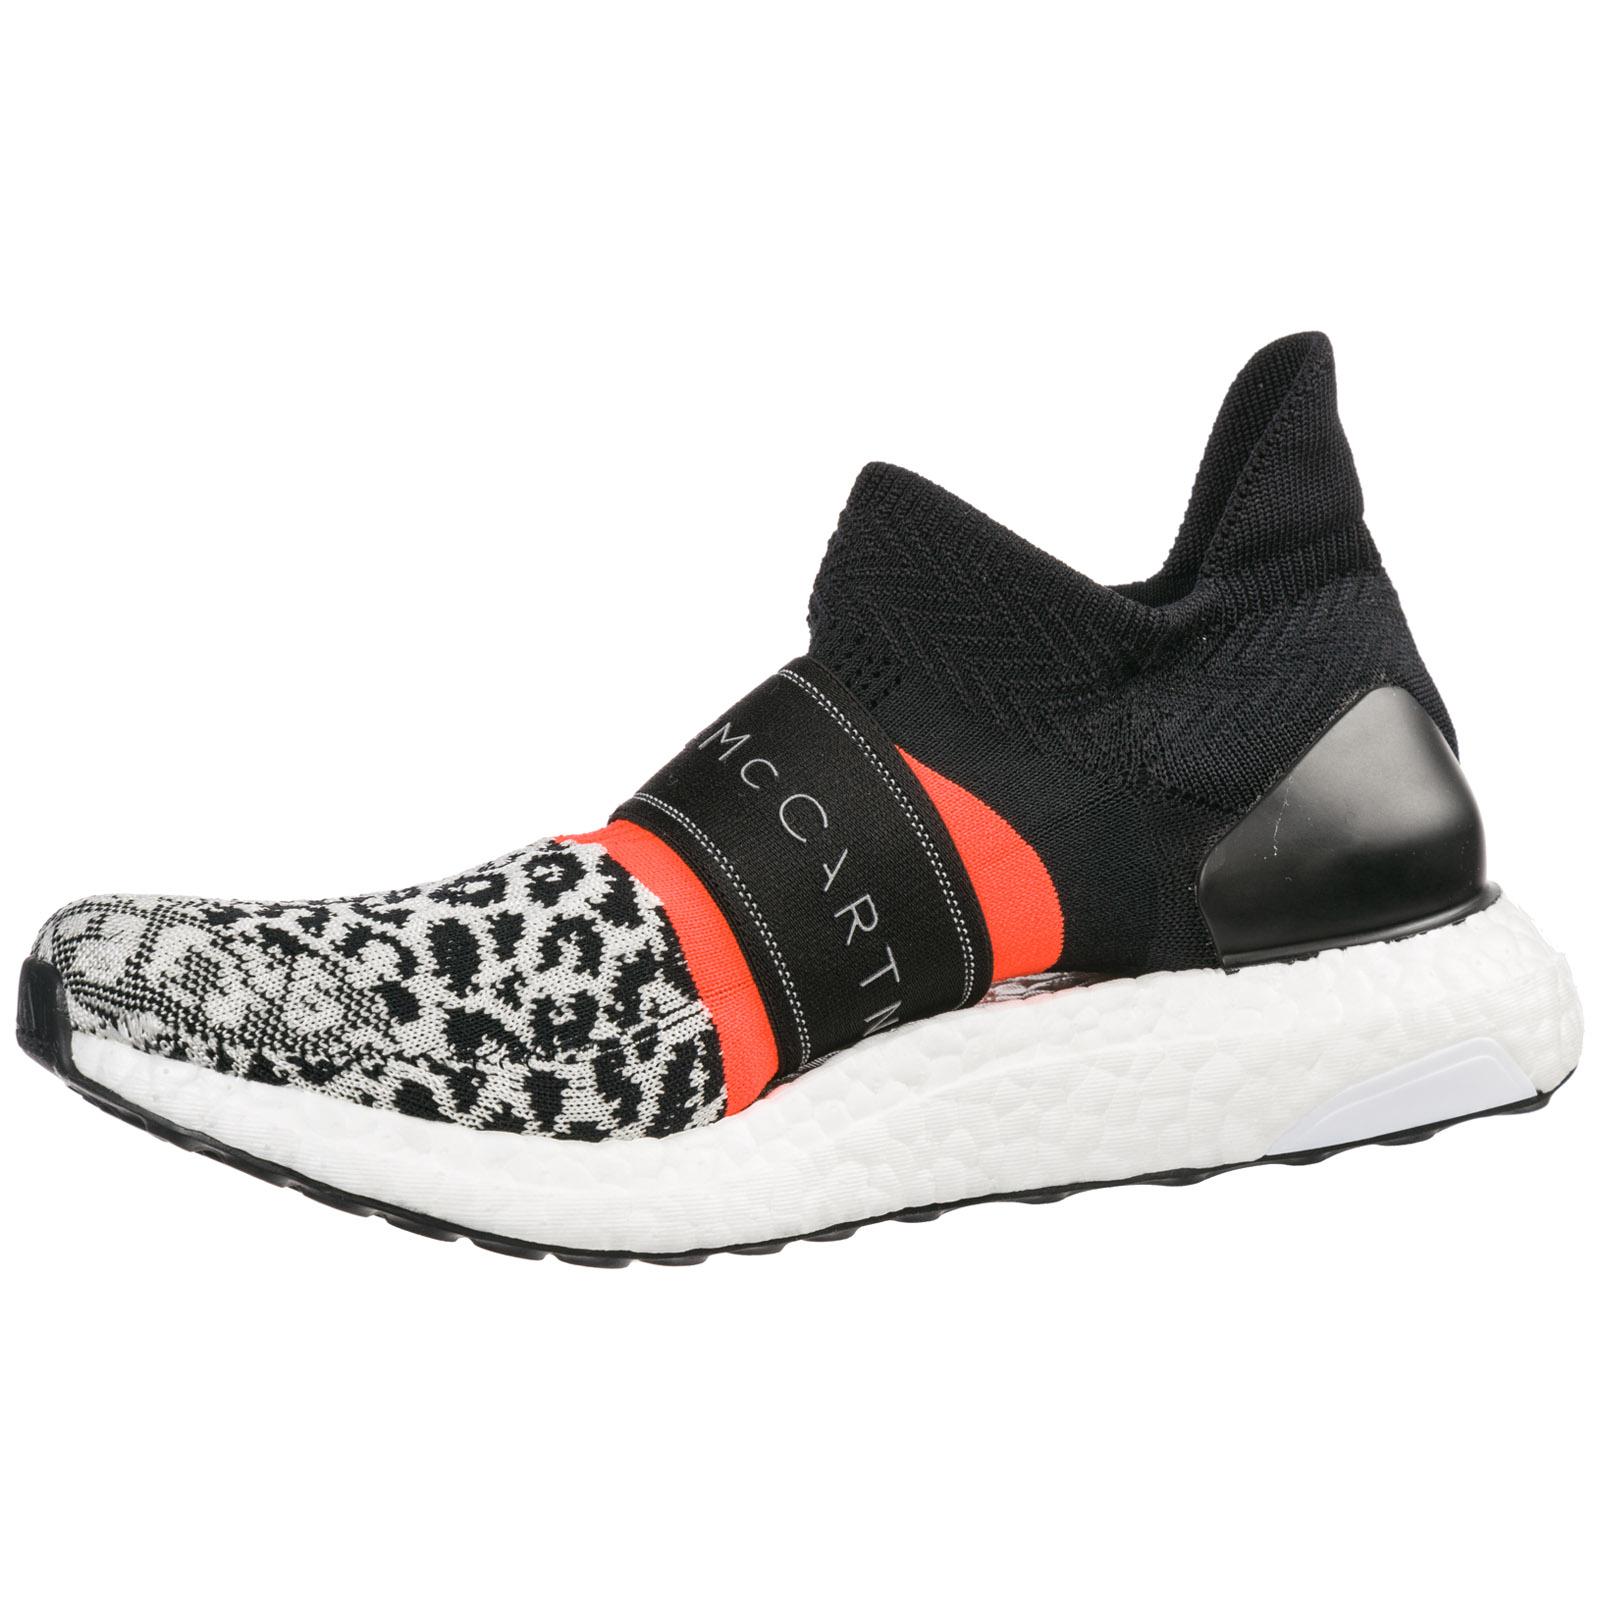 Damenschuhe damen schuhe sneakers turnschuhe running ultraboost x 3d